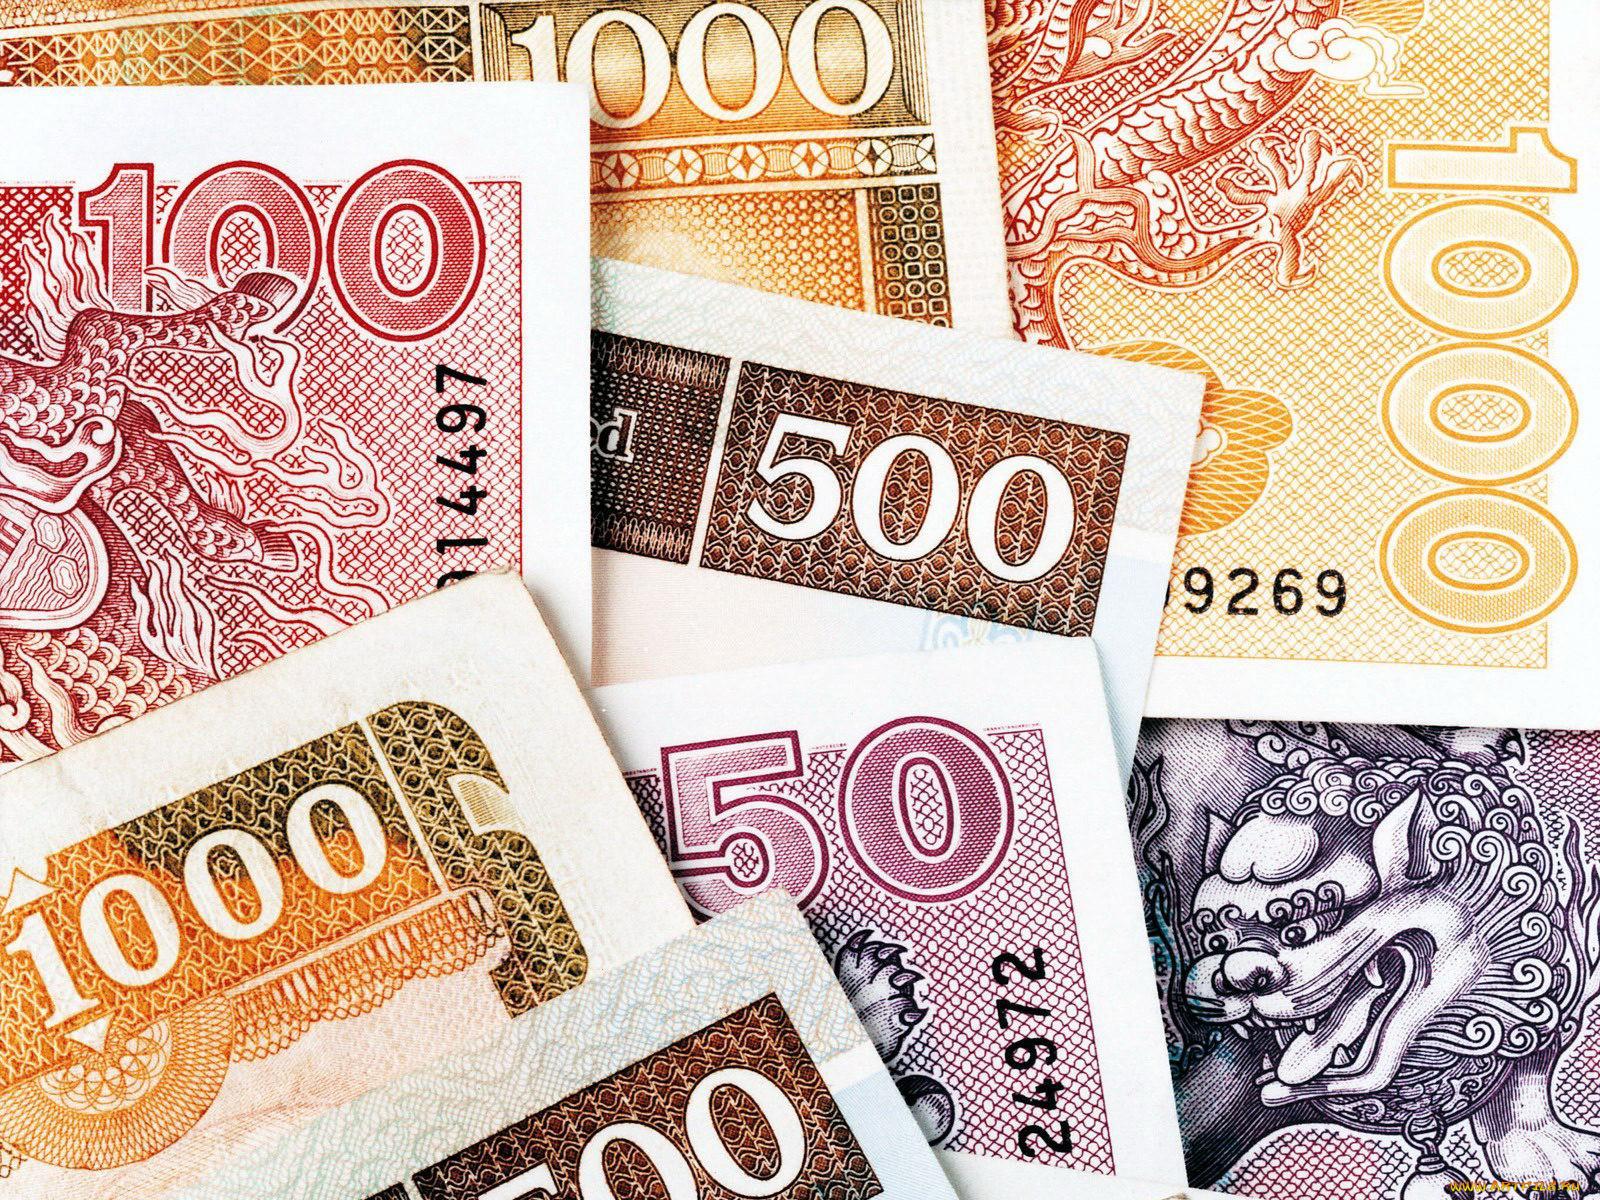 Как сделать свою денежную купюру